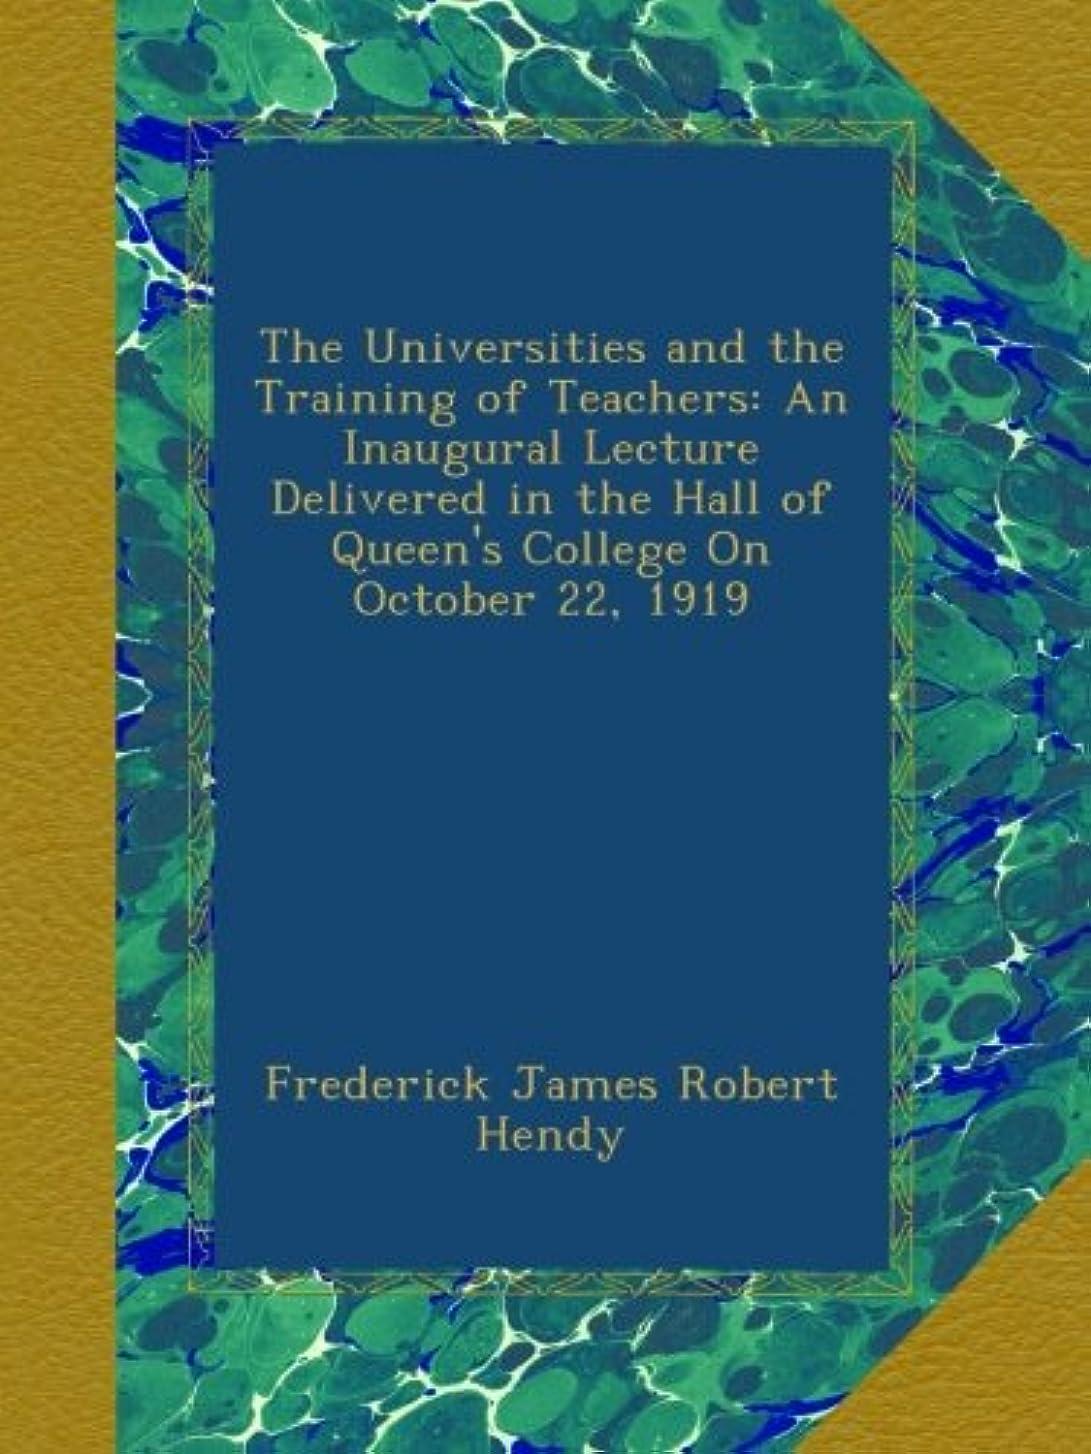 者トレース創造The Universities and the Training of Teachers: An Inaugural Lecture Delivered in the Hall of Queen's College On October 22, 1919